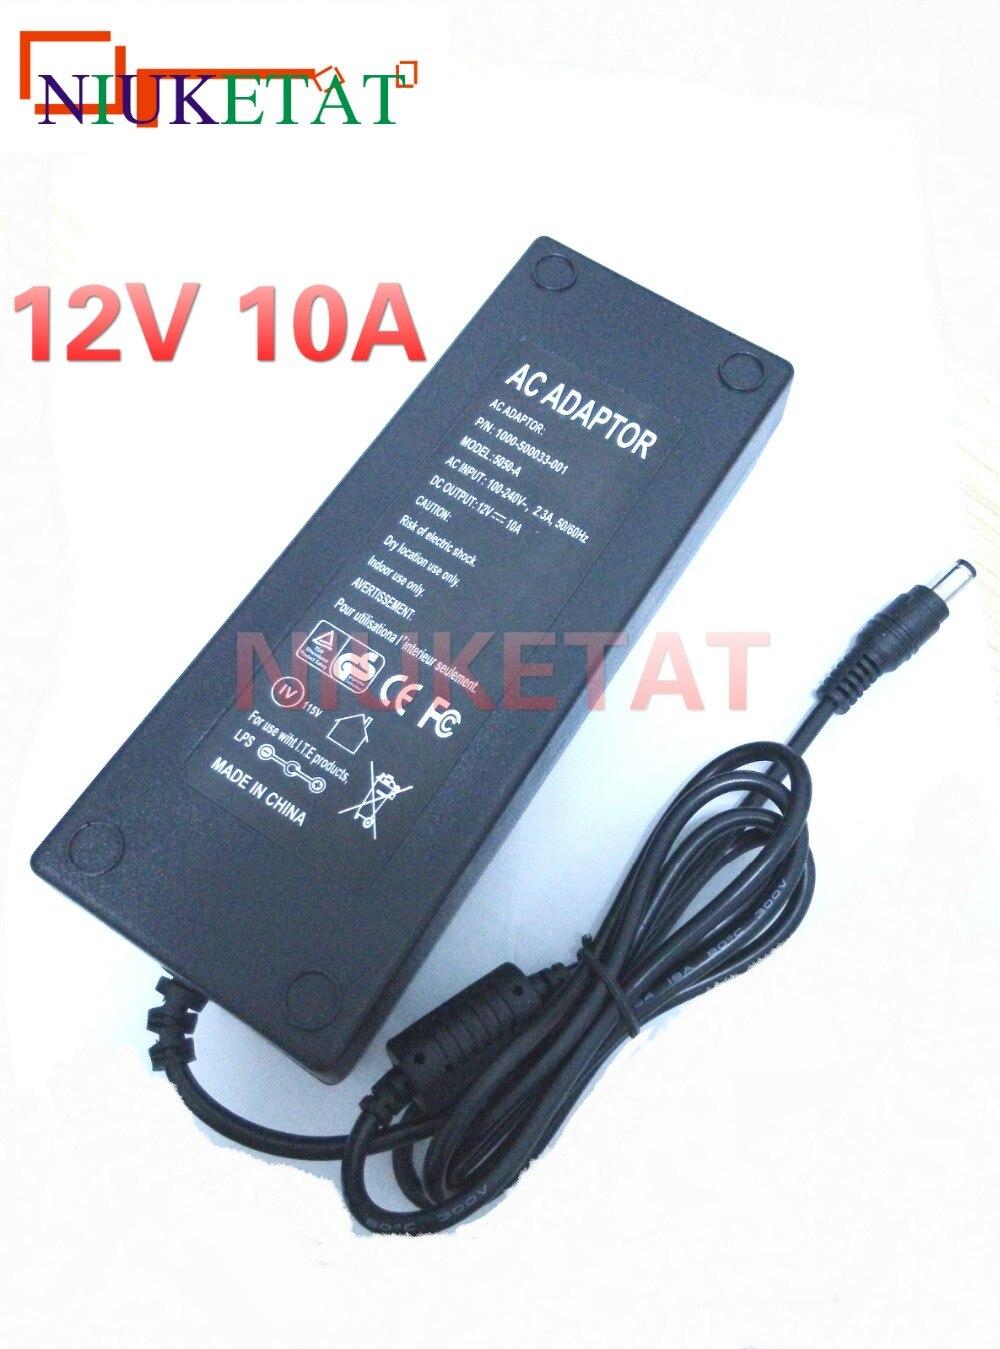 LX1210 DC 12 V 10A Poder 12V10A AC 100 V-240 V LEVOU adaptador de energia RGB LED de Alimentação da unidade de Alimentação para tira CONDUZIDA 5050 2835 12 V de alimentação 10A